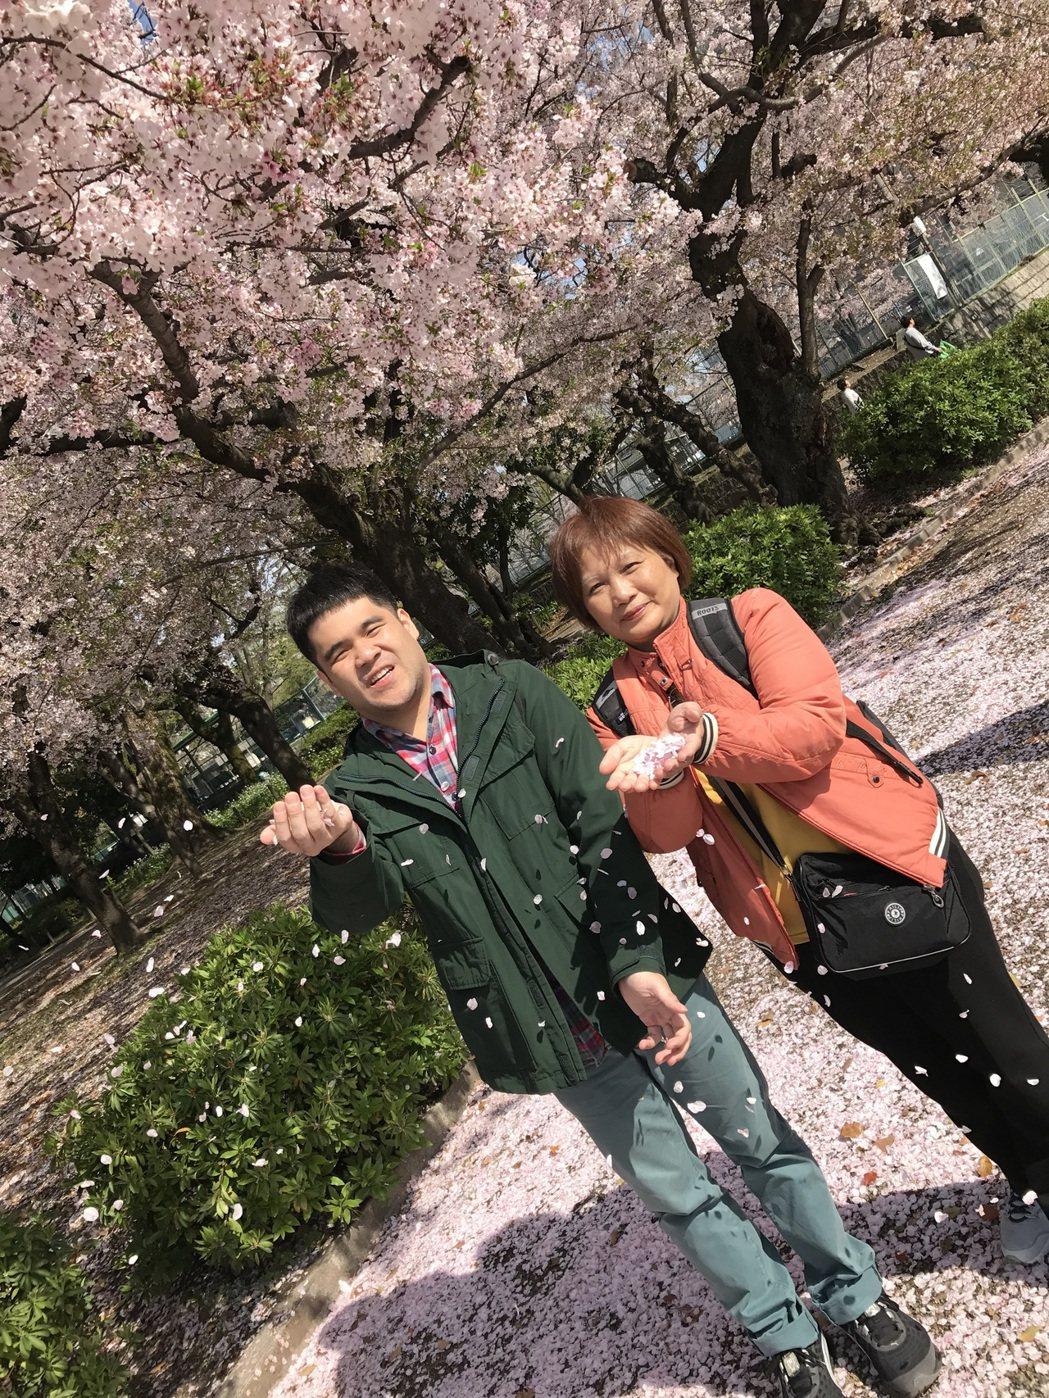 黃裕翔日前帶媽媽到日本賞櫻,提前送了母親節禮物。圖/有享影業提供